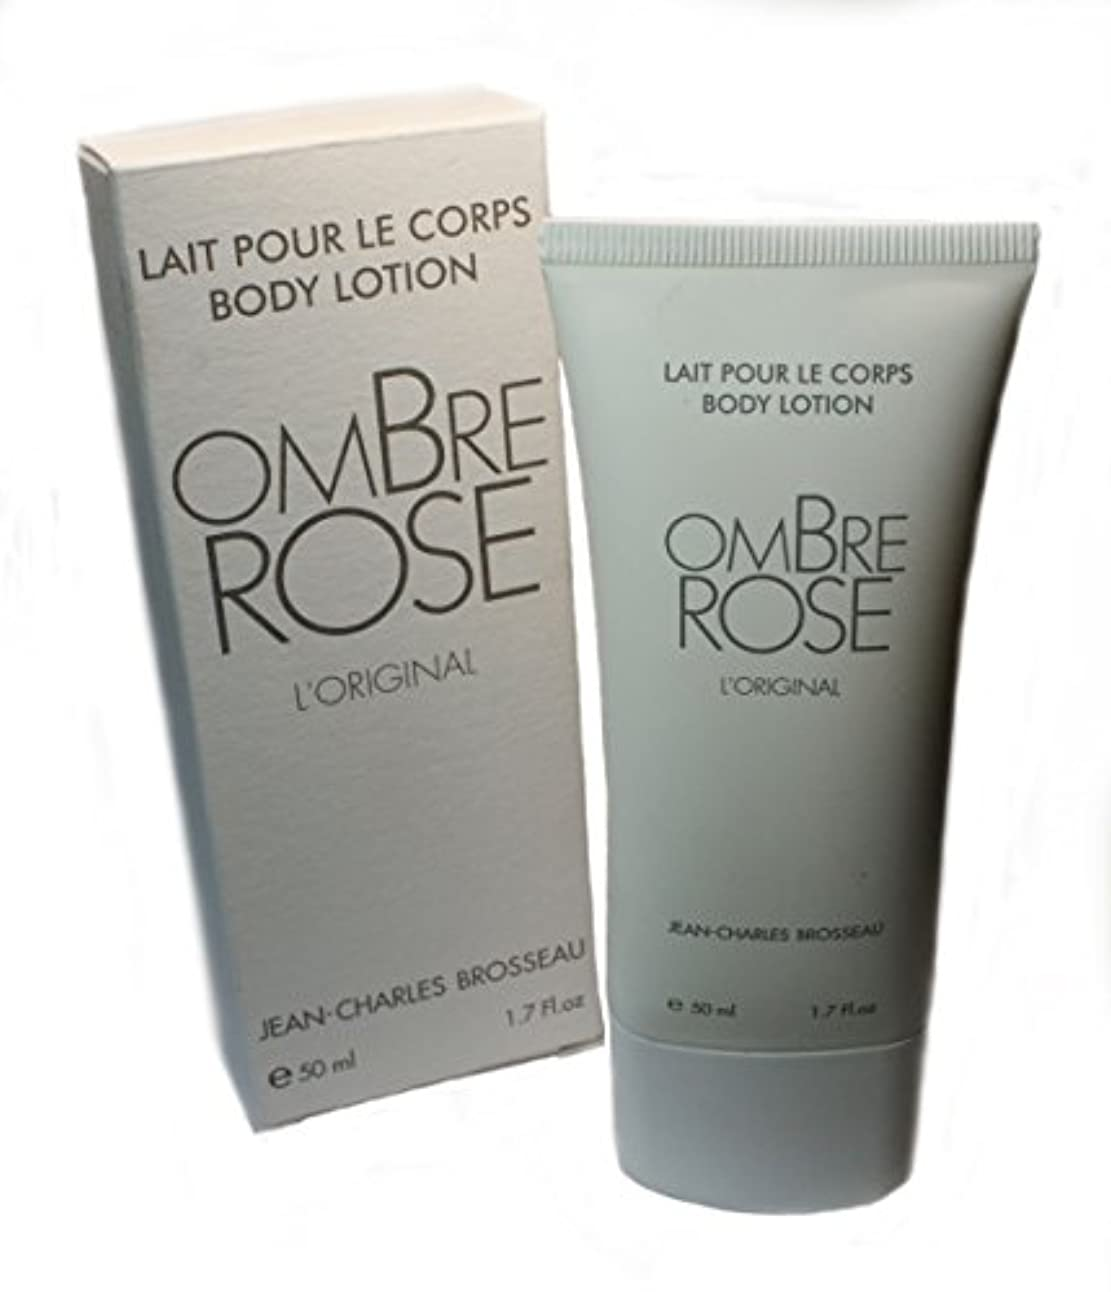 予知ラバ規則性Jean-Charles Brosseau Ombre Rose L'Original Body Lotion(ジャン シャルル ブロッソー オンブル ローズ オリジナル ボディーローション)50ml